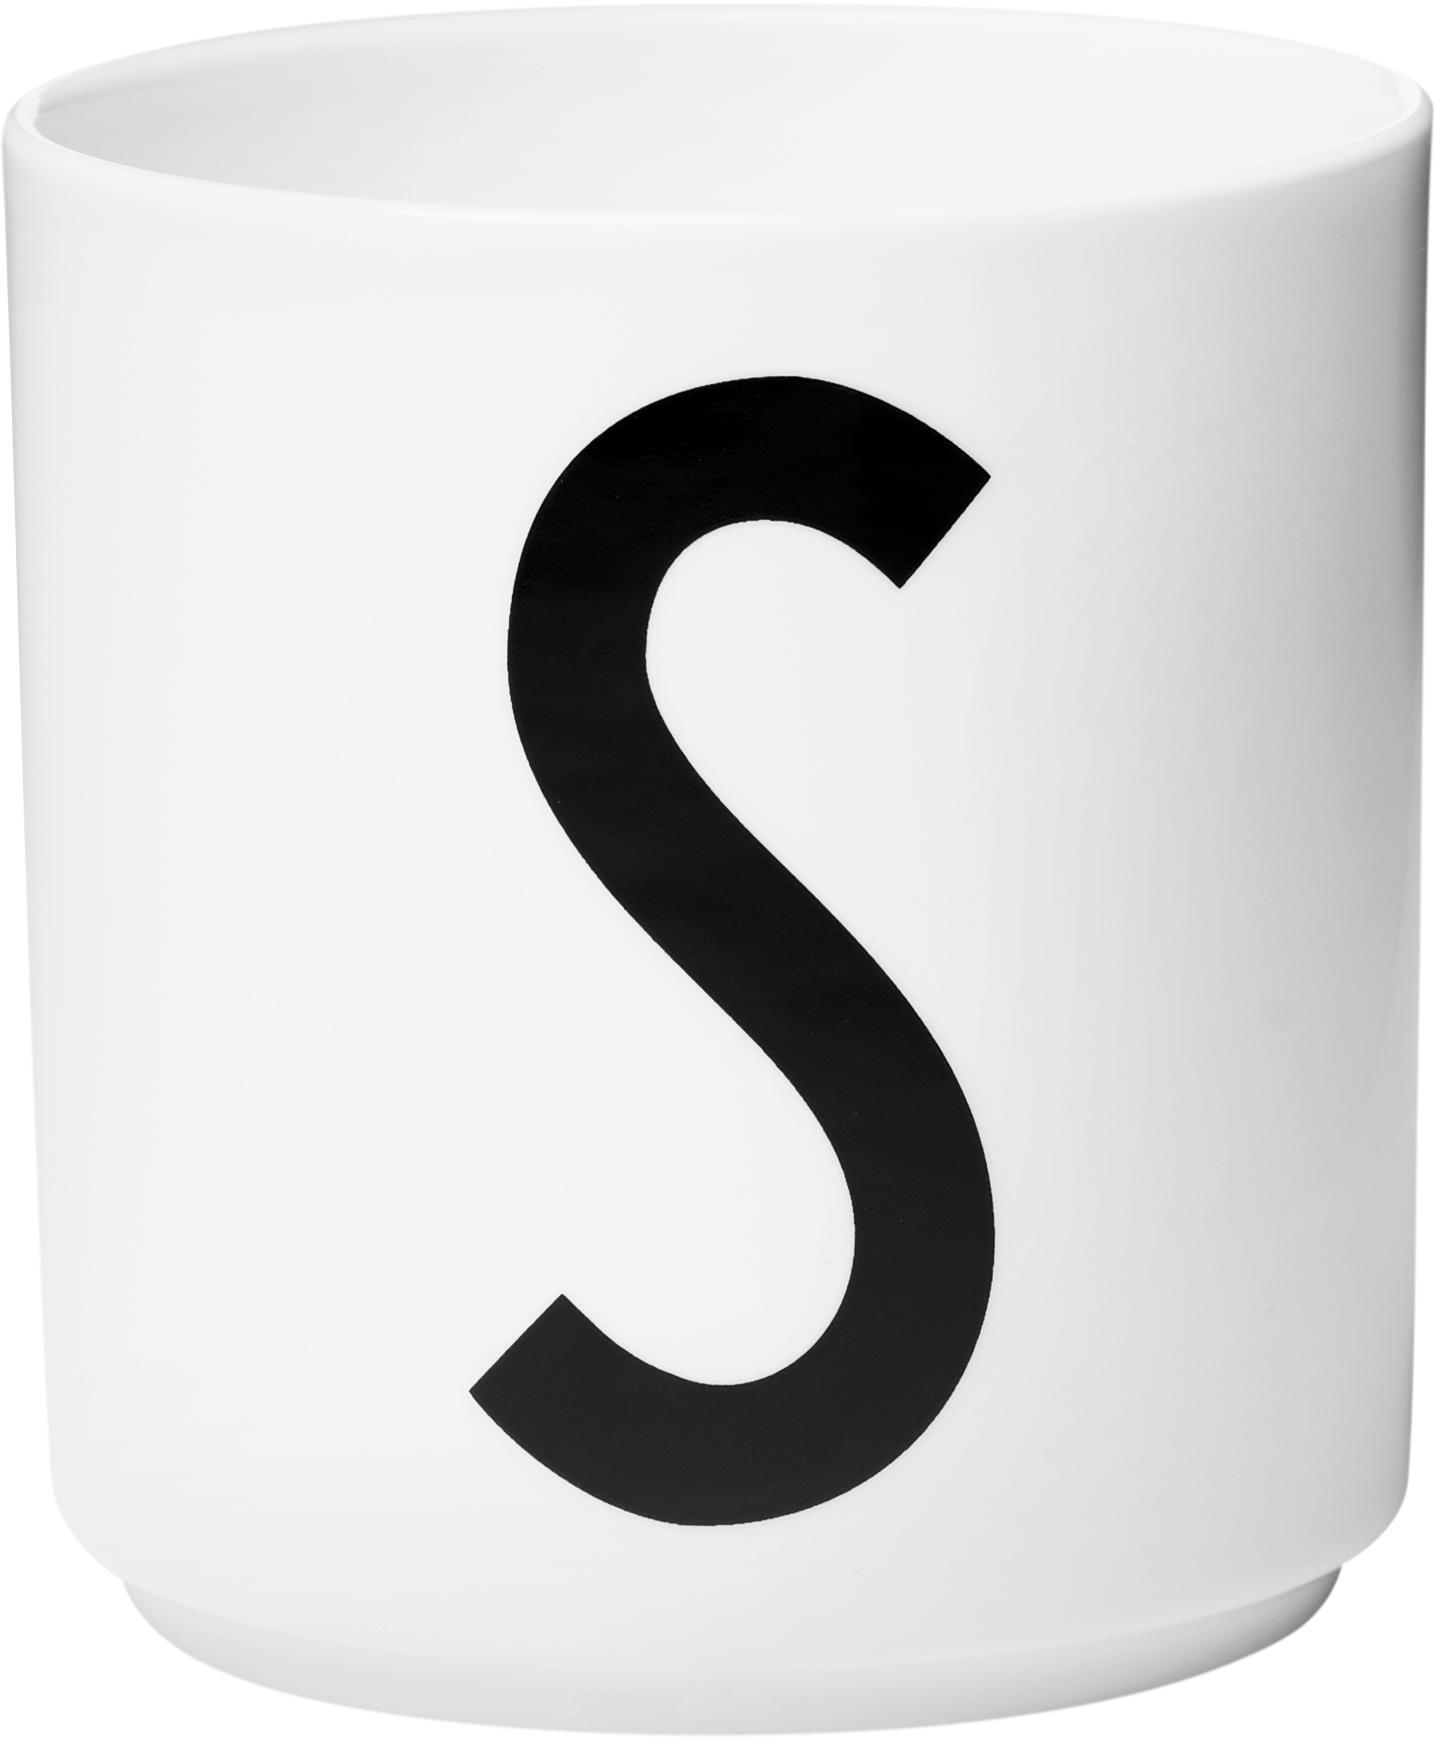 Design Becher Personal mit Buchstaben (Varianten von A bis Z), Fine Bone China (Porzellan), Weiss, Schwarz, Becher S